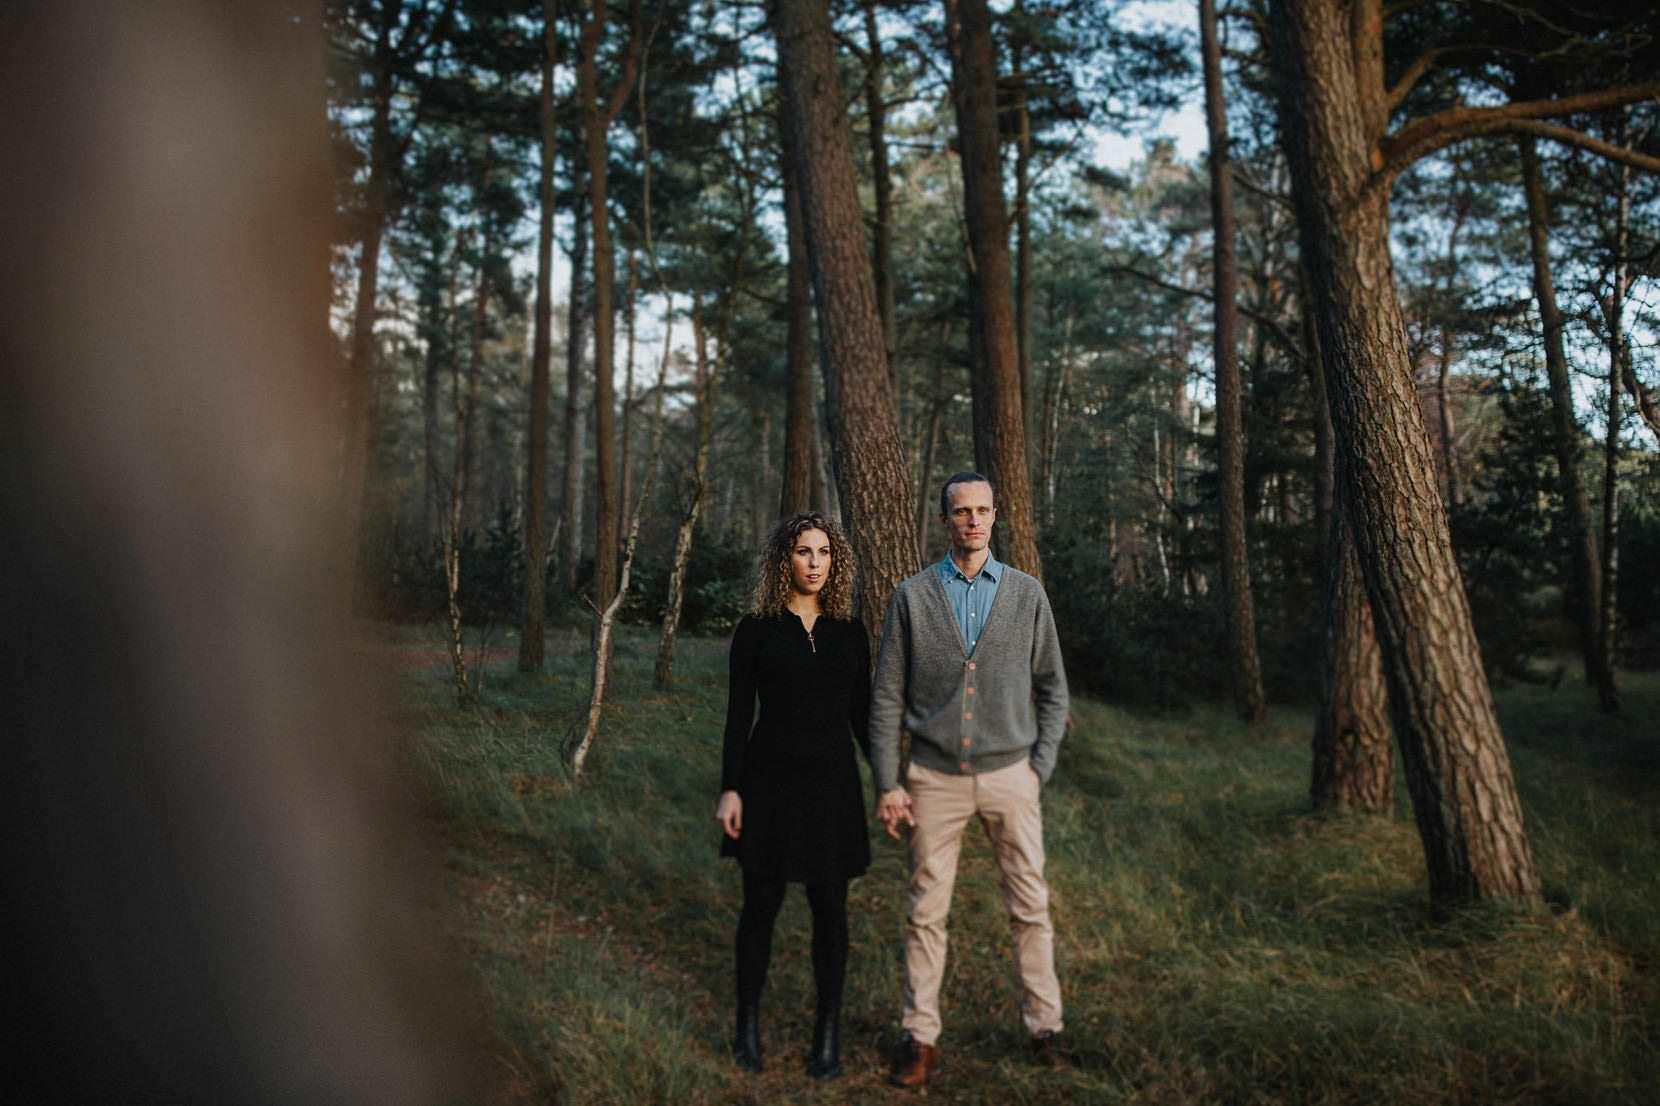 bröllopsfotograf ystad saltsjöbad